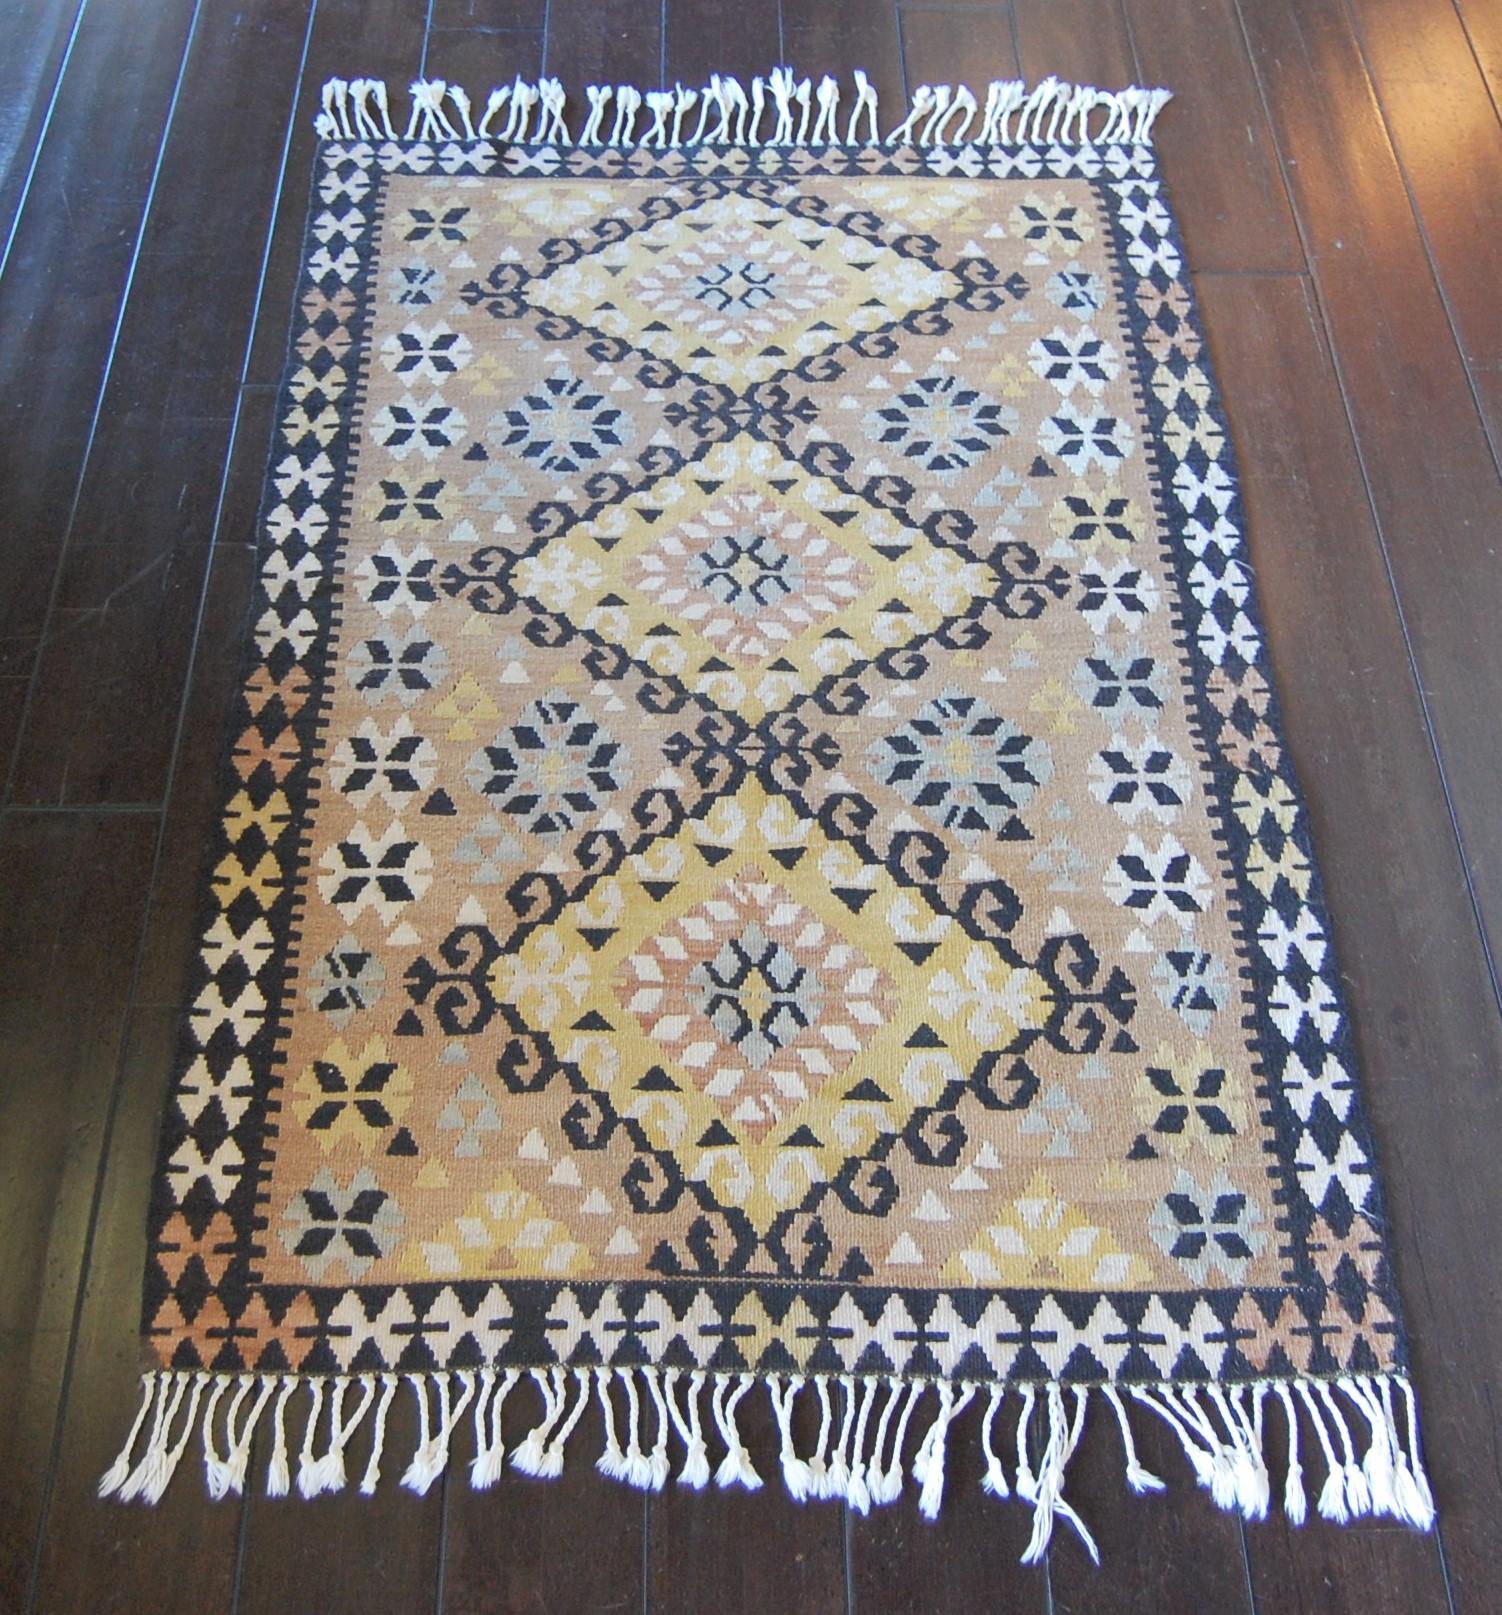 Vintage Rug Seattle: 3x4 Kilim Wool Rug · Marinus Home Seattle · Online Store